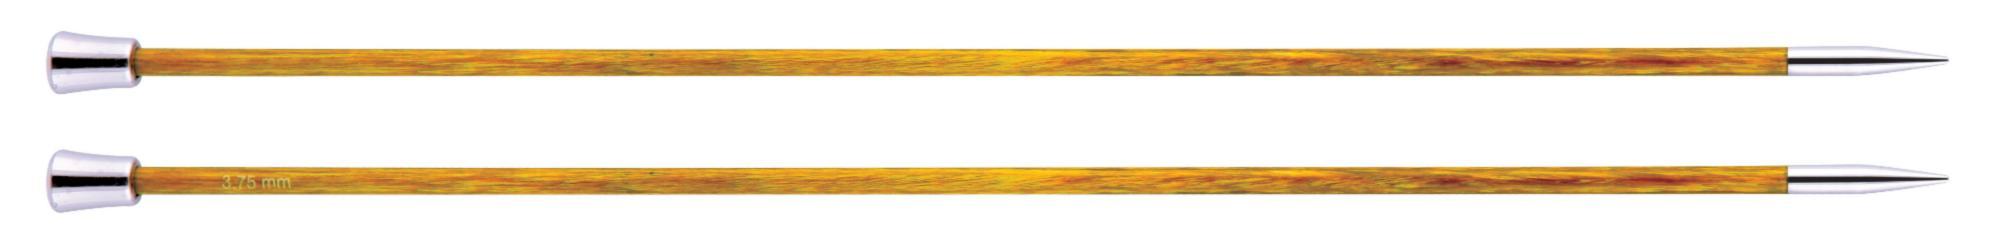 Спицы прямые 30 см Royale KnitPro, 29194, 3.75 мм